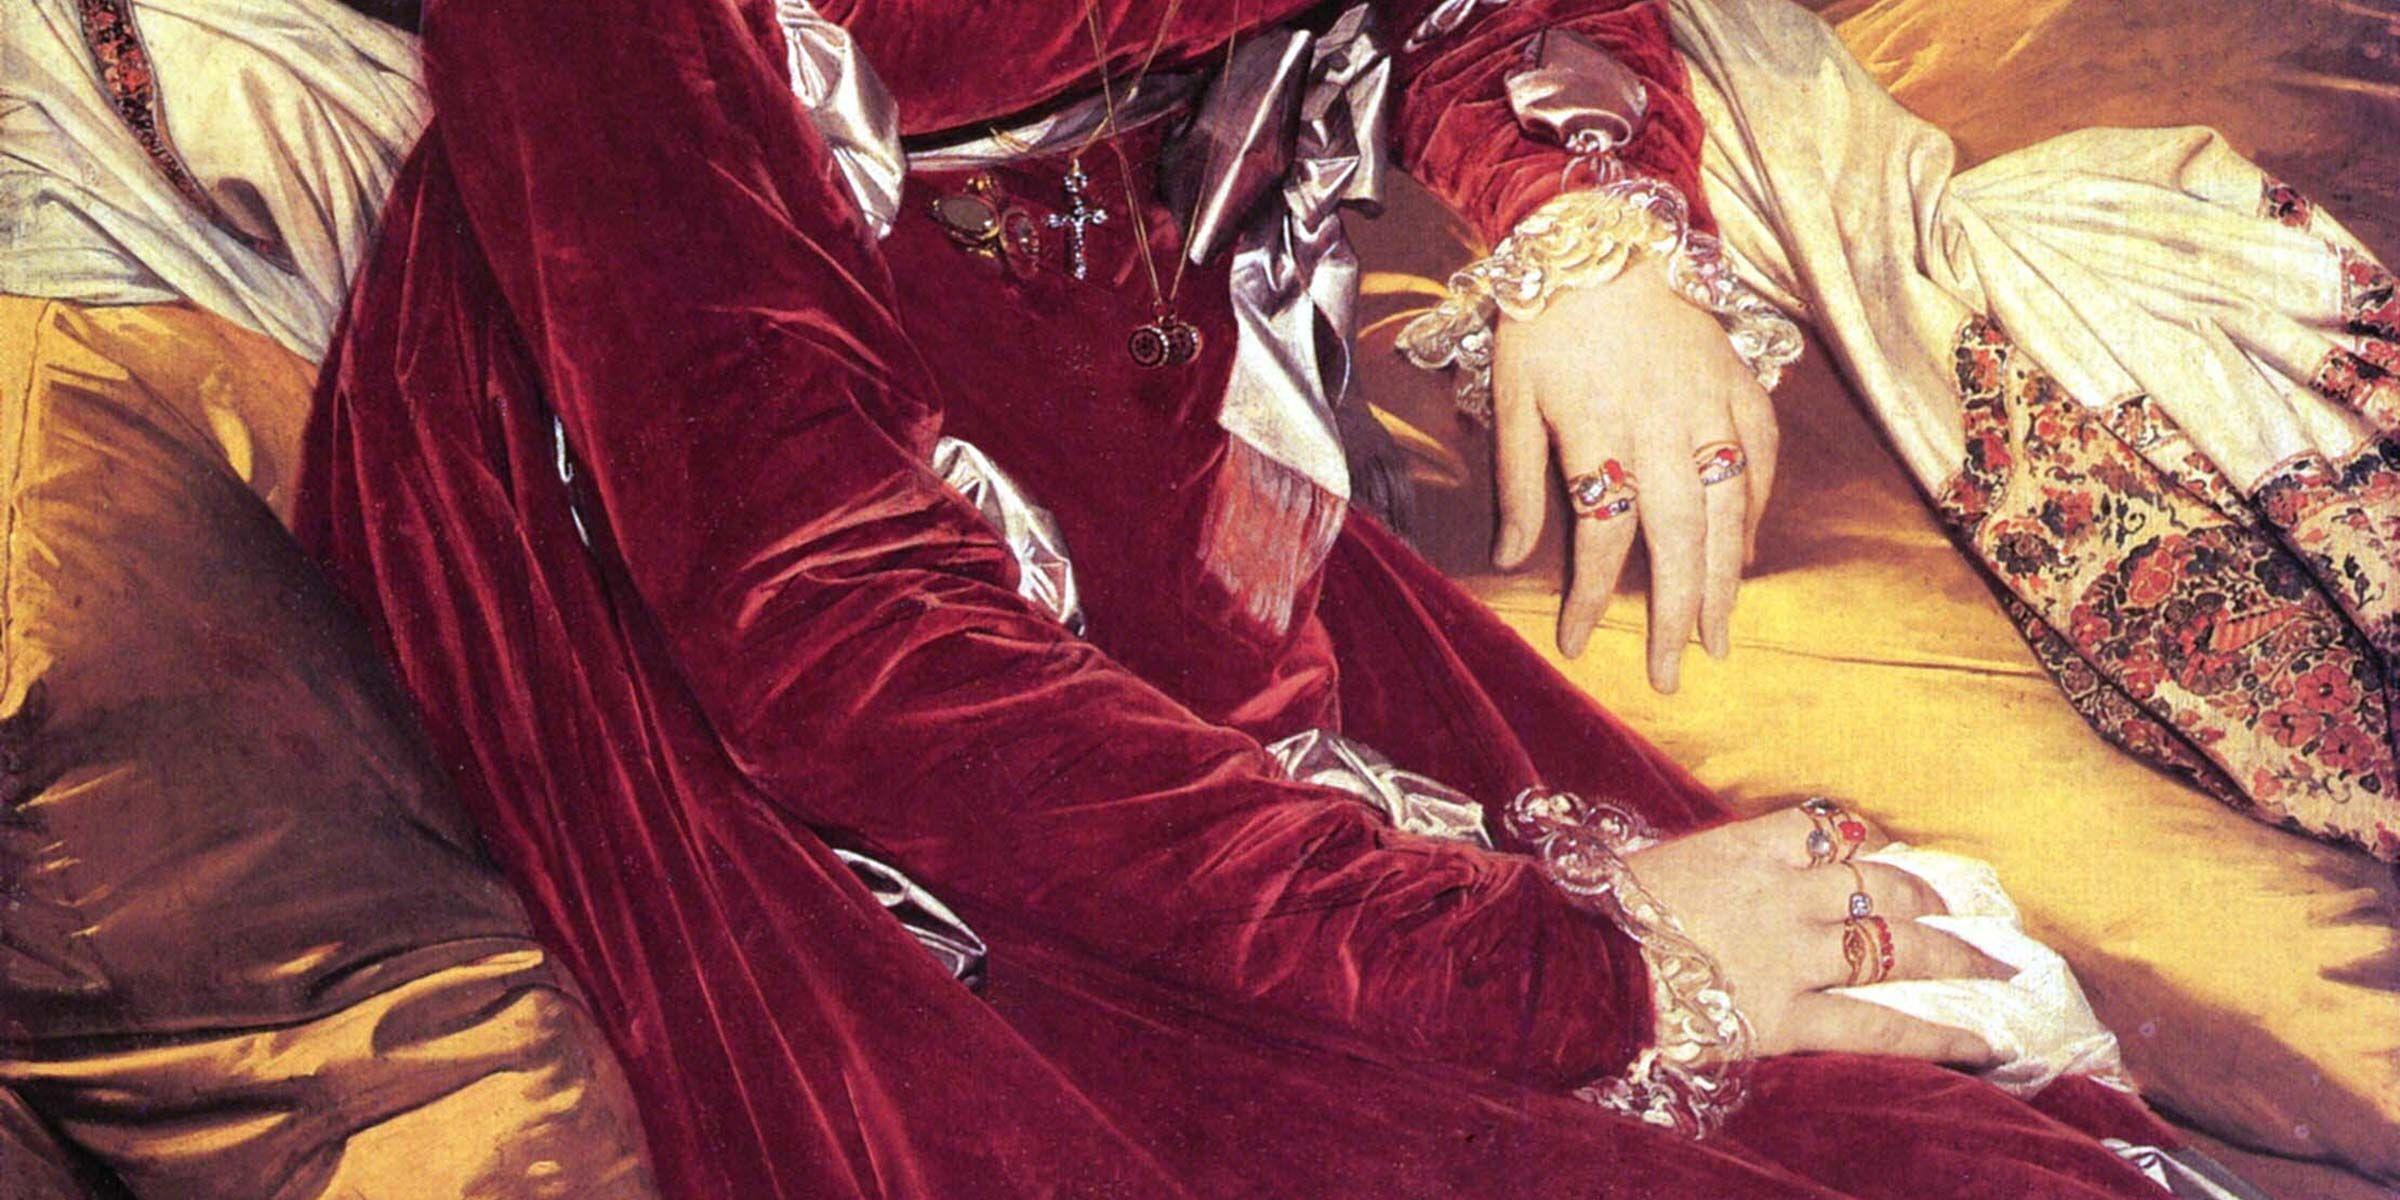 Madame de Senonnes by Jean-Auguste-Dominique Ingres, 1814.